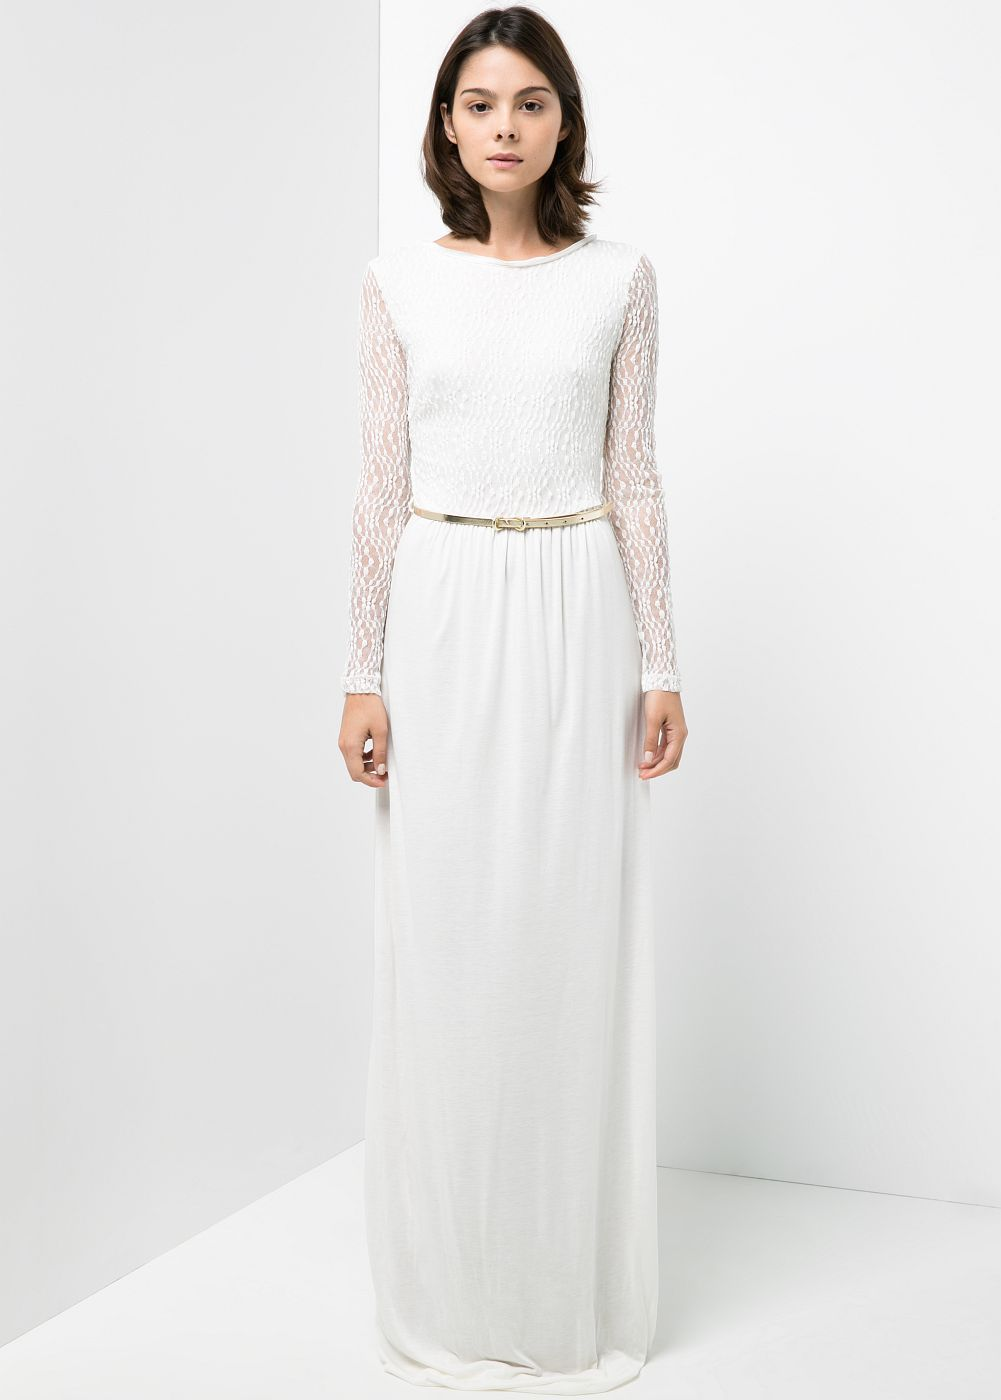 Blond lacetop dress women lace top dress winter wedding ideas